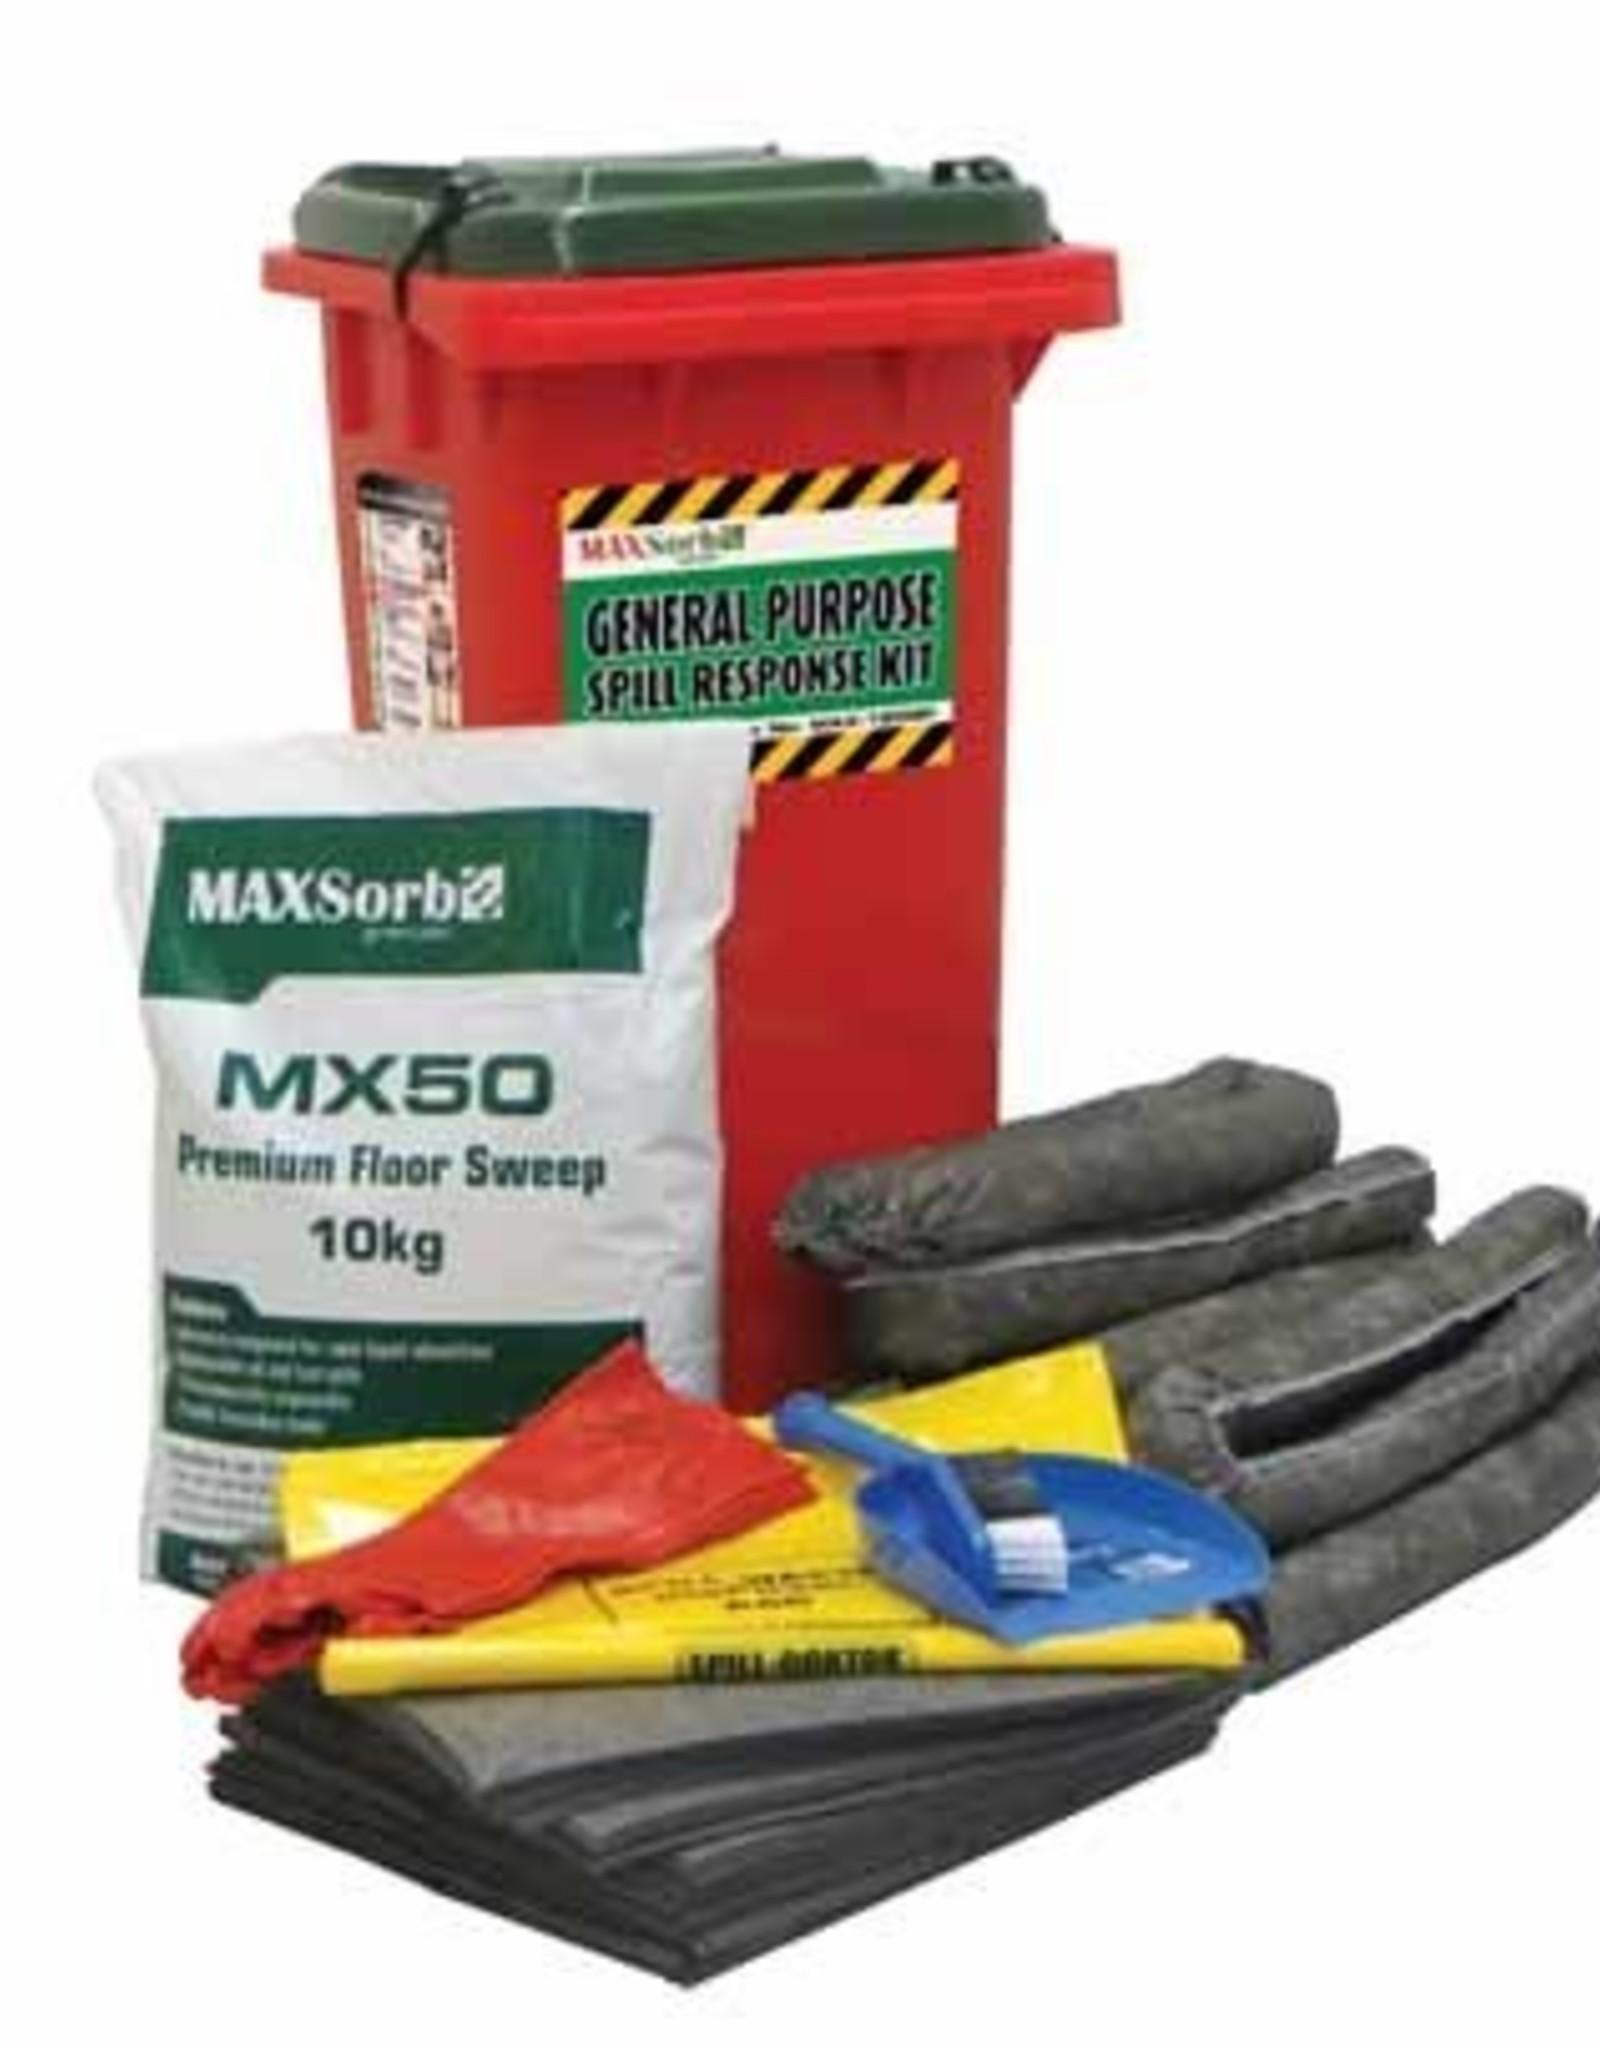 MAXSorb MAXSorb 120L General Purpose Spill Kit